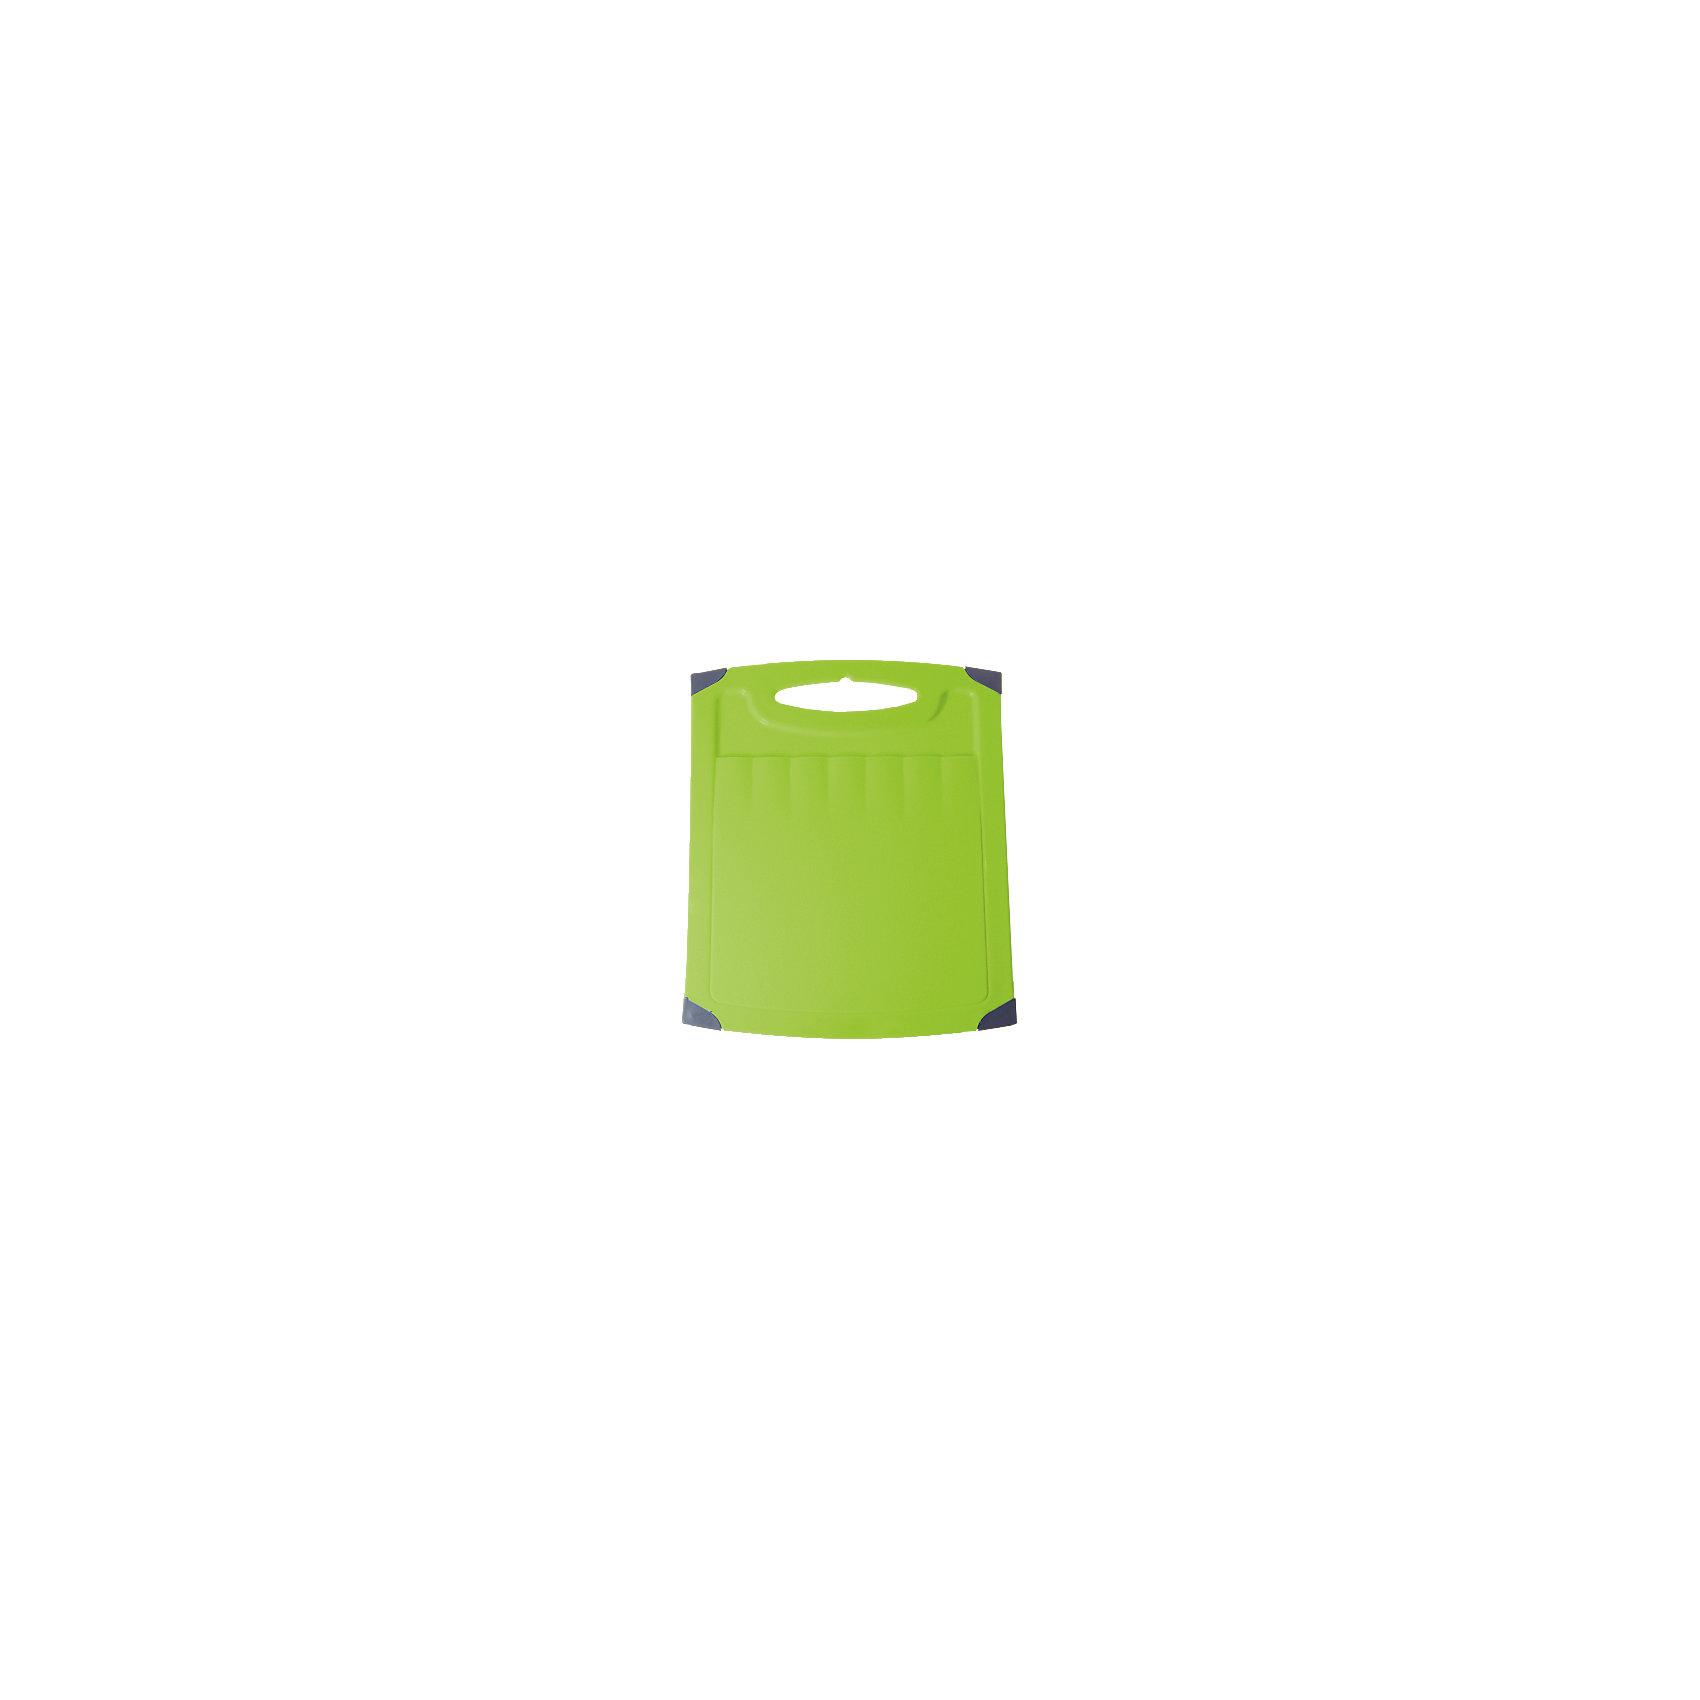 Доска разделочная Люкс №3, Plastic CentreПосуда<br>Доска разделочная Люкс №3, Plastic Centre<br><br>Характеристики:<br><br>• Цвет: зеленый<br>• Материал: пластик<br>• В комплекте: 1 штука<br>• Размер: 36х28 см<br><br>Хорошие разделочные доски позволят вам легко навести порядок на вашей кухне и не отвлекаться на мелочи. Эта доска оснащена специальным желобком, который поможет слить стекающую воду, не потревожив продукты. Изготовлены они из высококачественного пищевого пластика, который безопасен  для здоровья. Доска устойчива к запахам и порезам от ножа. Стильный дизайн не оставит равнодушным никого.<br><br>Доска разделочная Люкс №3, Plastic Centre можно купить в нашем интернет-магазине.<br><br>Ширина мм: 360<br>Глубина мм: 280<br>Высота мм: 6<br>Вес г: 465<br>Возраст от месяцев: 216<br>Возраст до месяцев: 1188<br>Пол: Унисекс<br>Возраст: Детский<br>SKU: 5545679